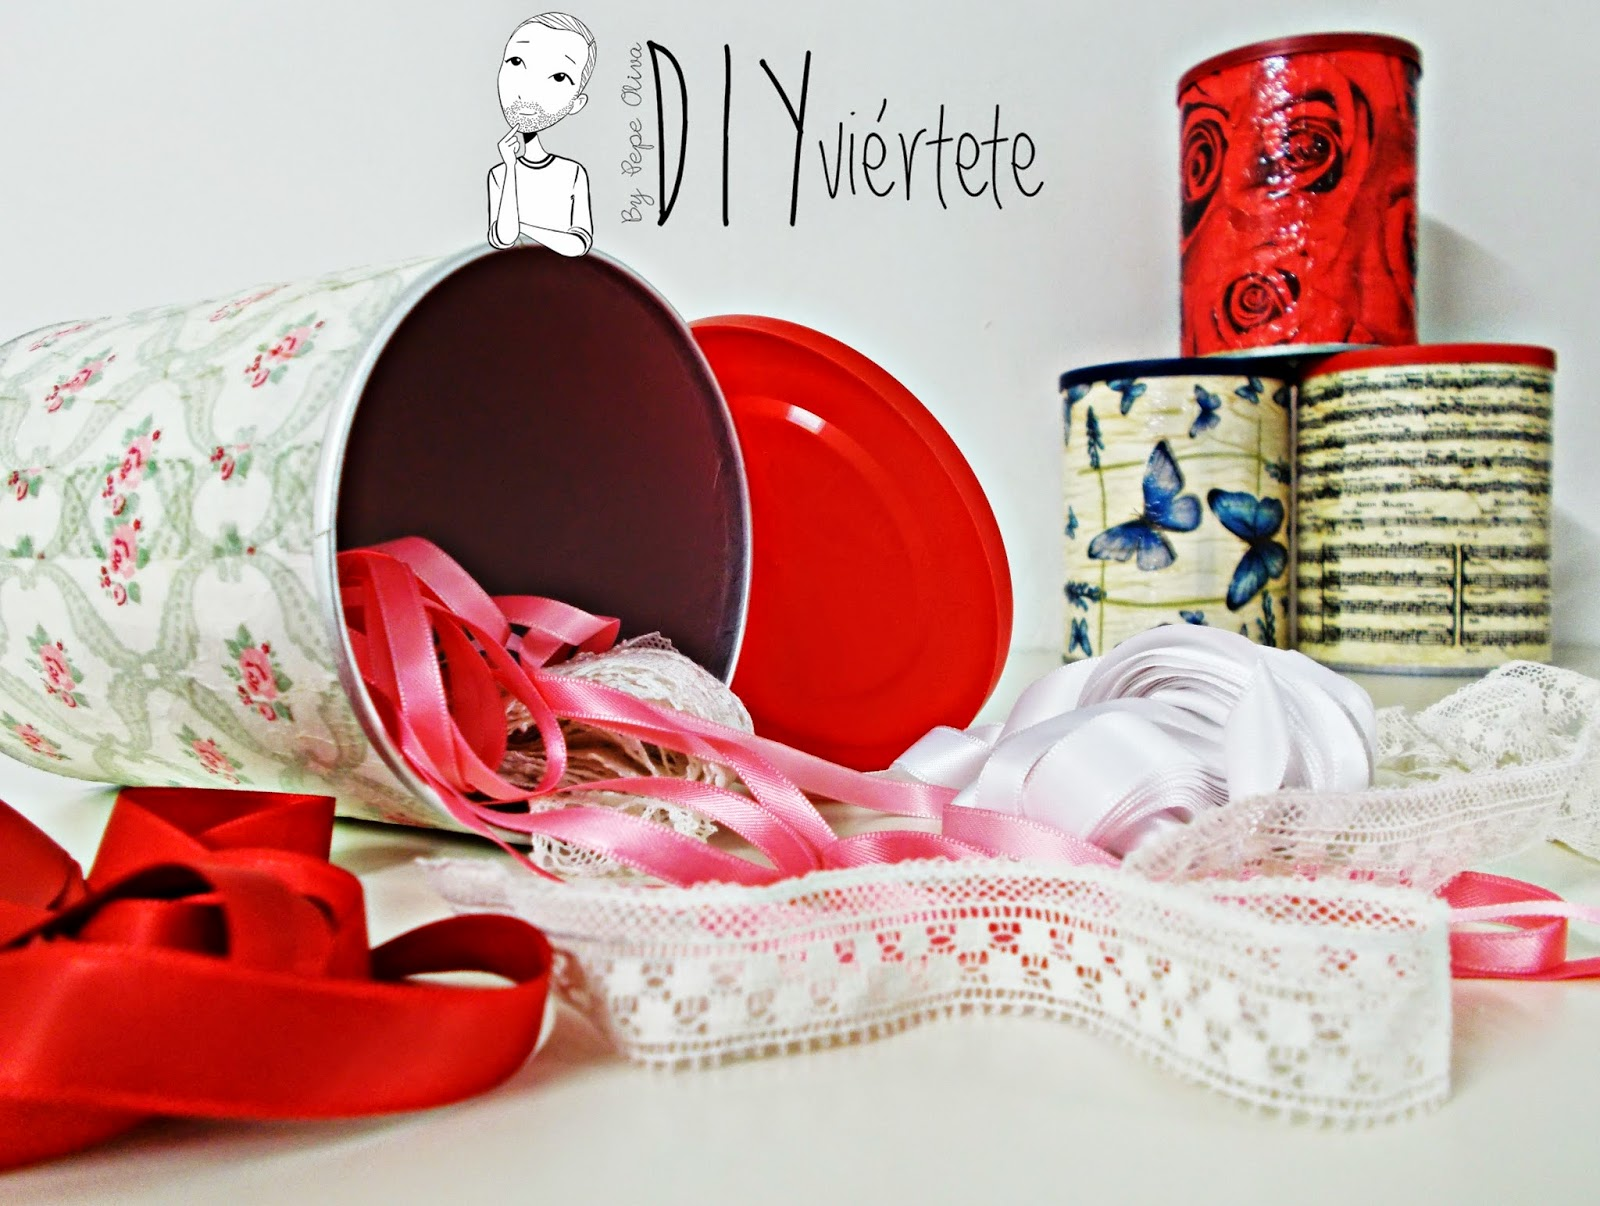 DIY-botes-decoupage-servilletas-cola blanca-ideas regalo-reciclar-reutilizar (1)